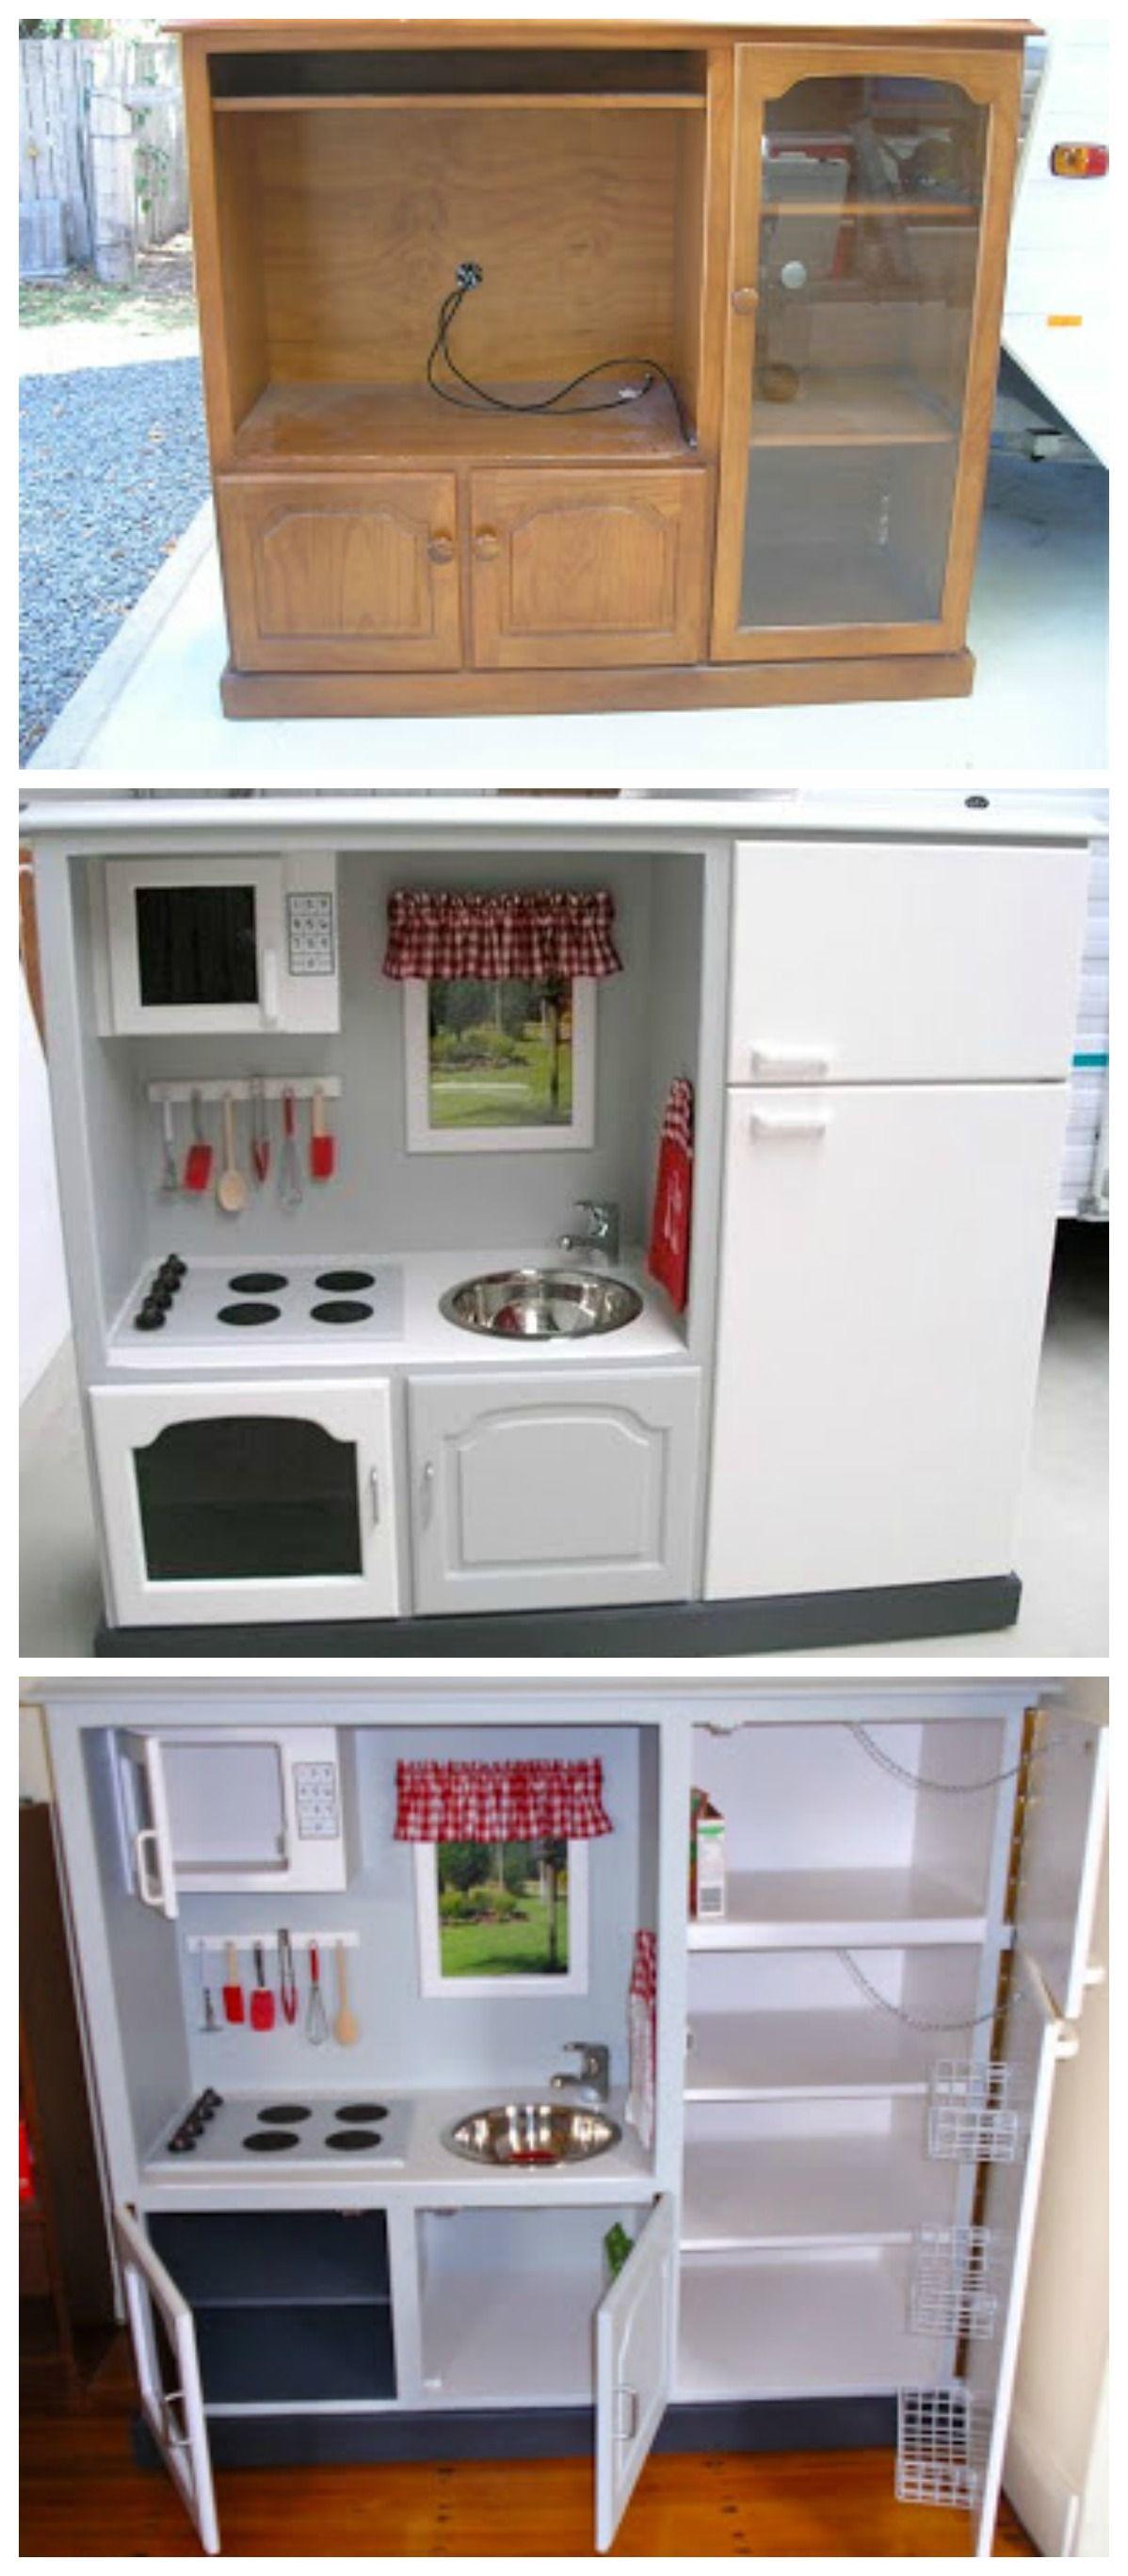 retaper un vieux meuble de tv pour donner a j 39 adore super id e pour la garderie do it. Black Bedroom Furniture Sets. Home Design Ideas